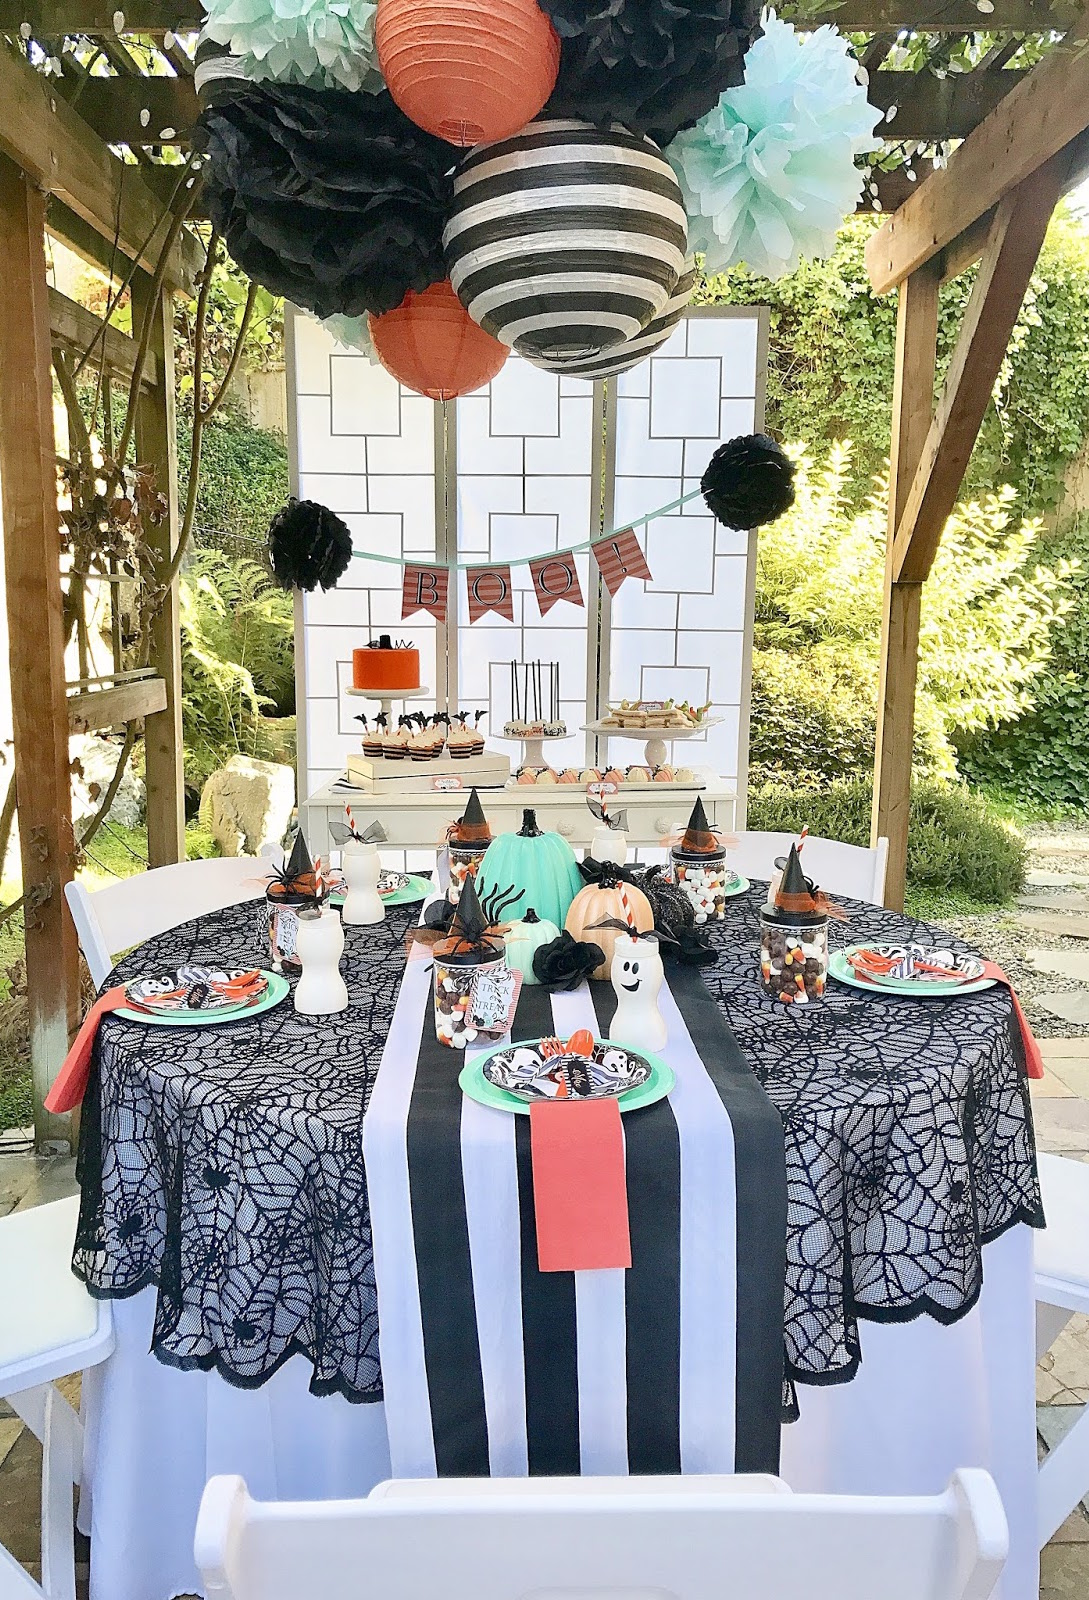 Decoração de festa halloween pequena: para poucos convidados, use uma mesa grande e capriche nos enfeites